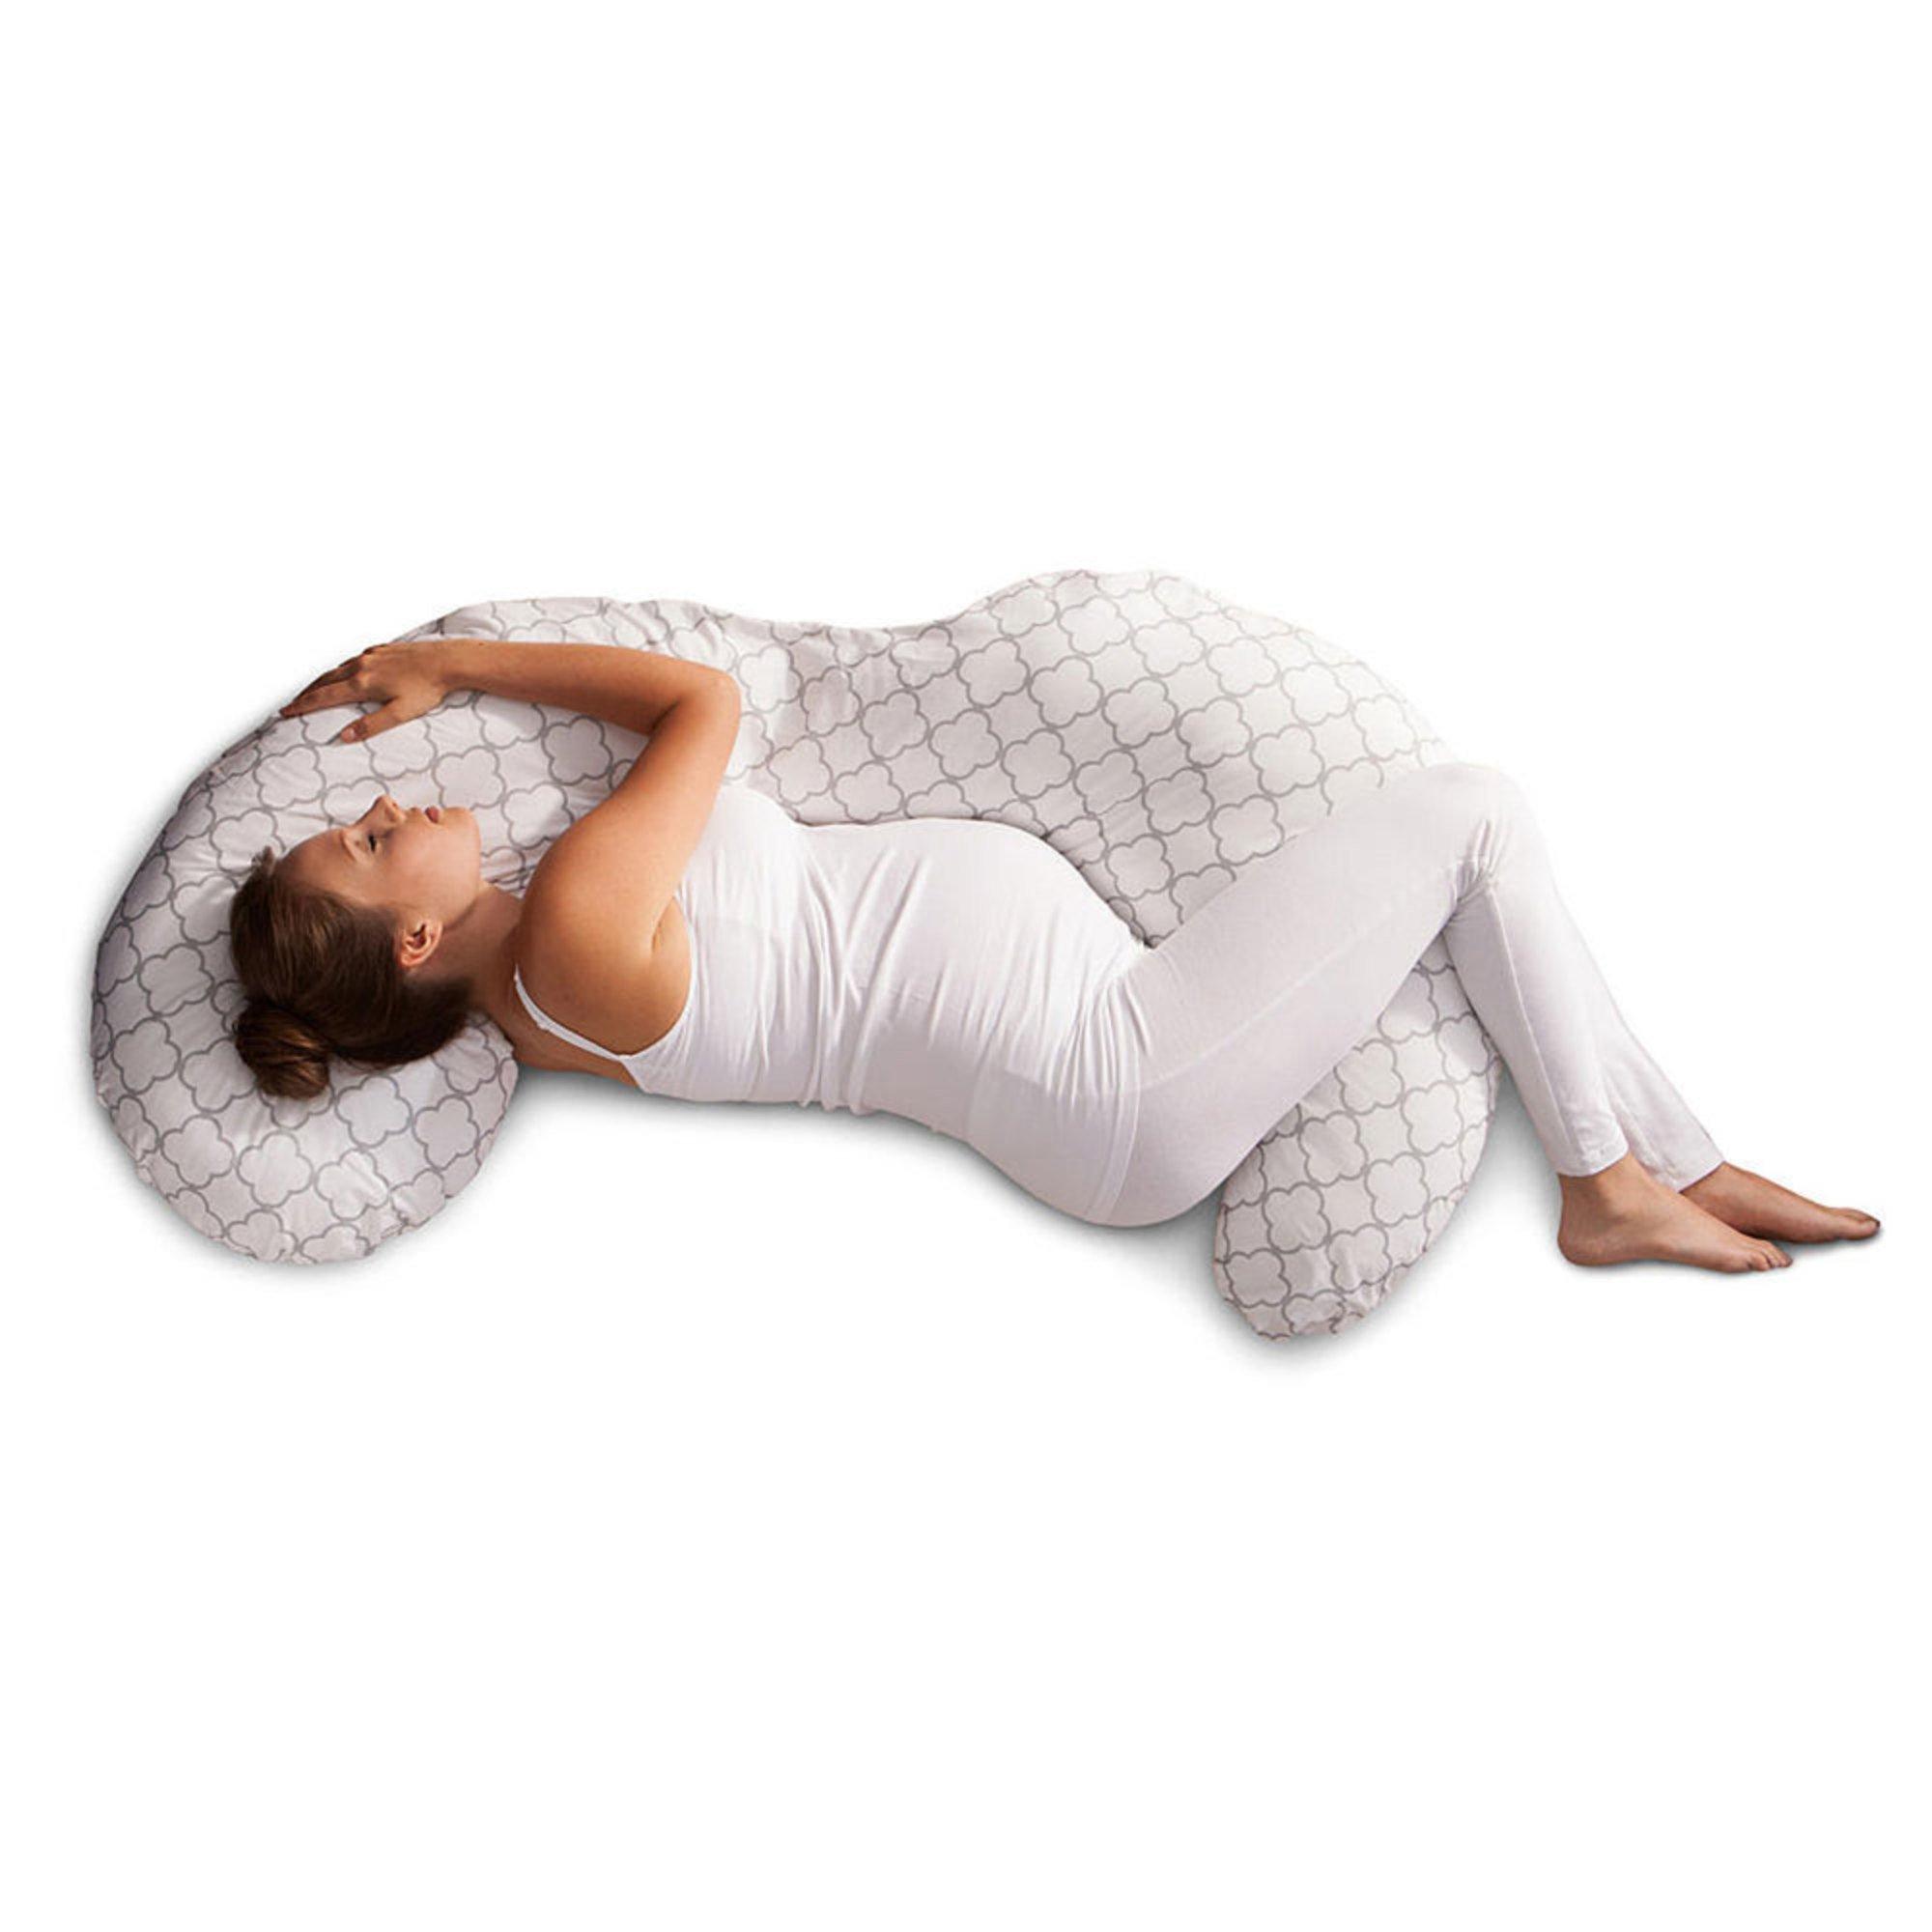 Boppy Multi Use Total Body Pillow Trellis Feeding Pillows Baby